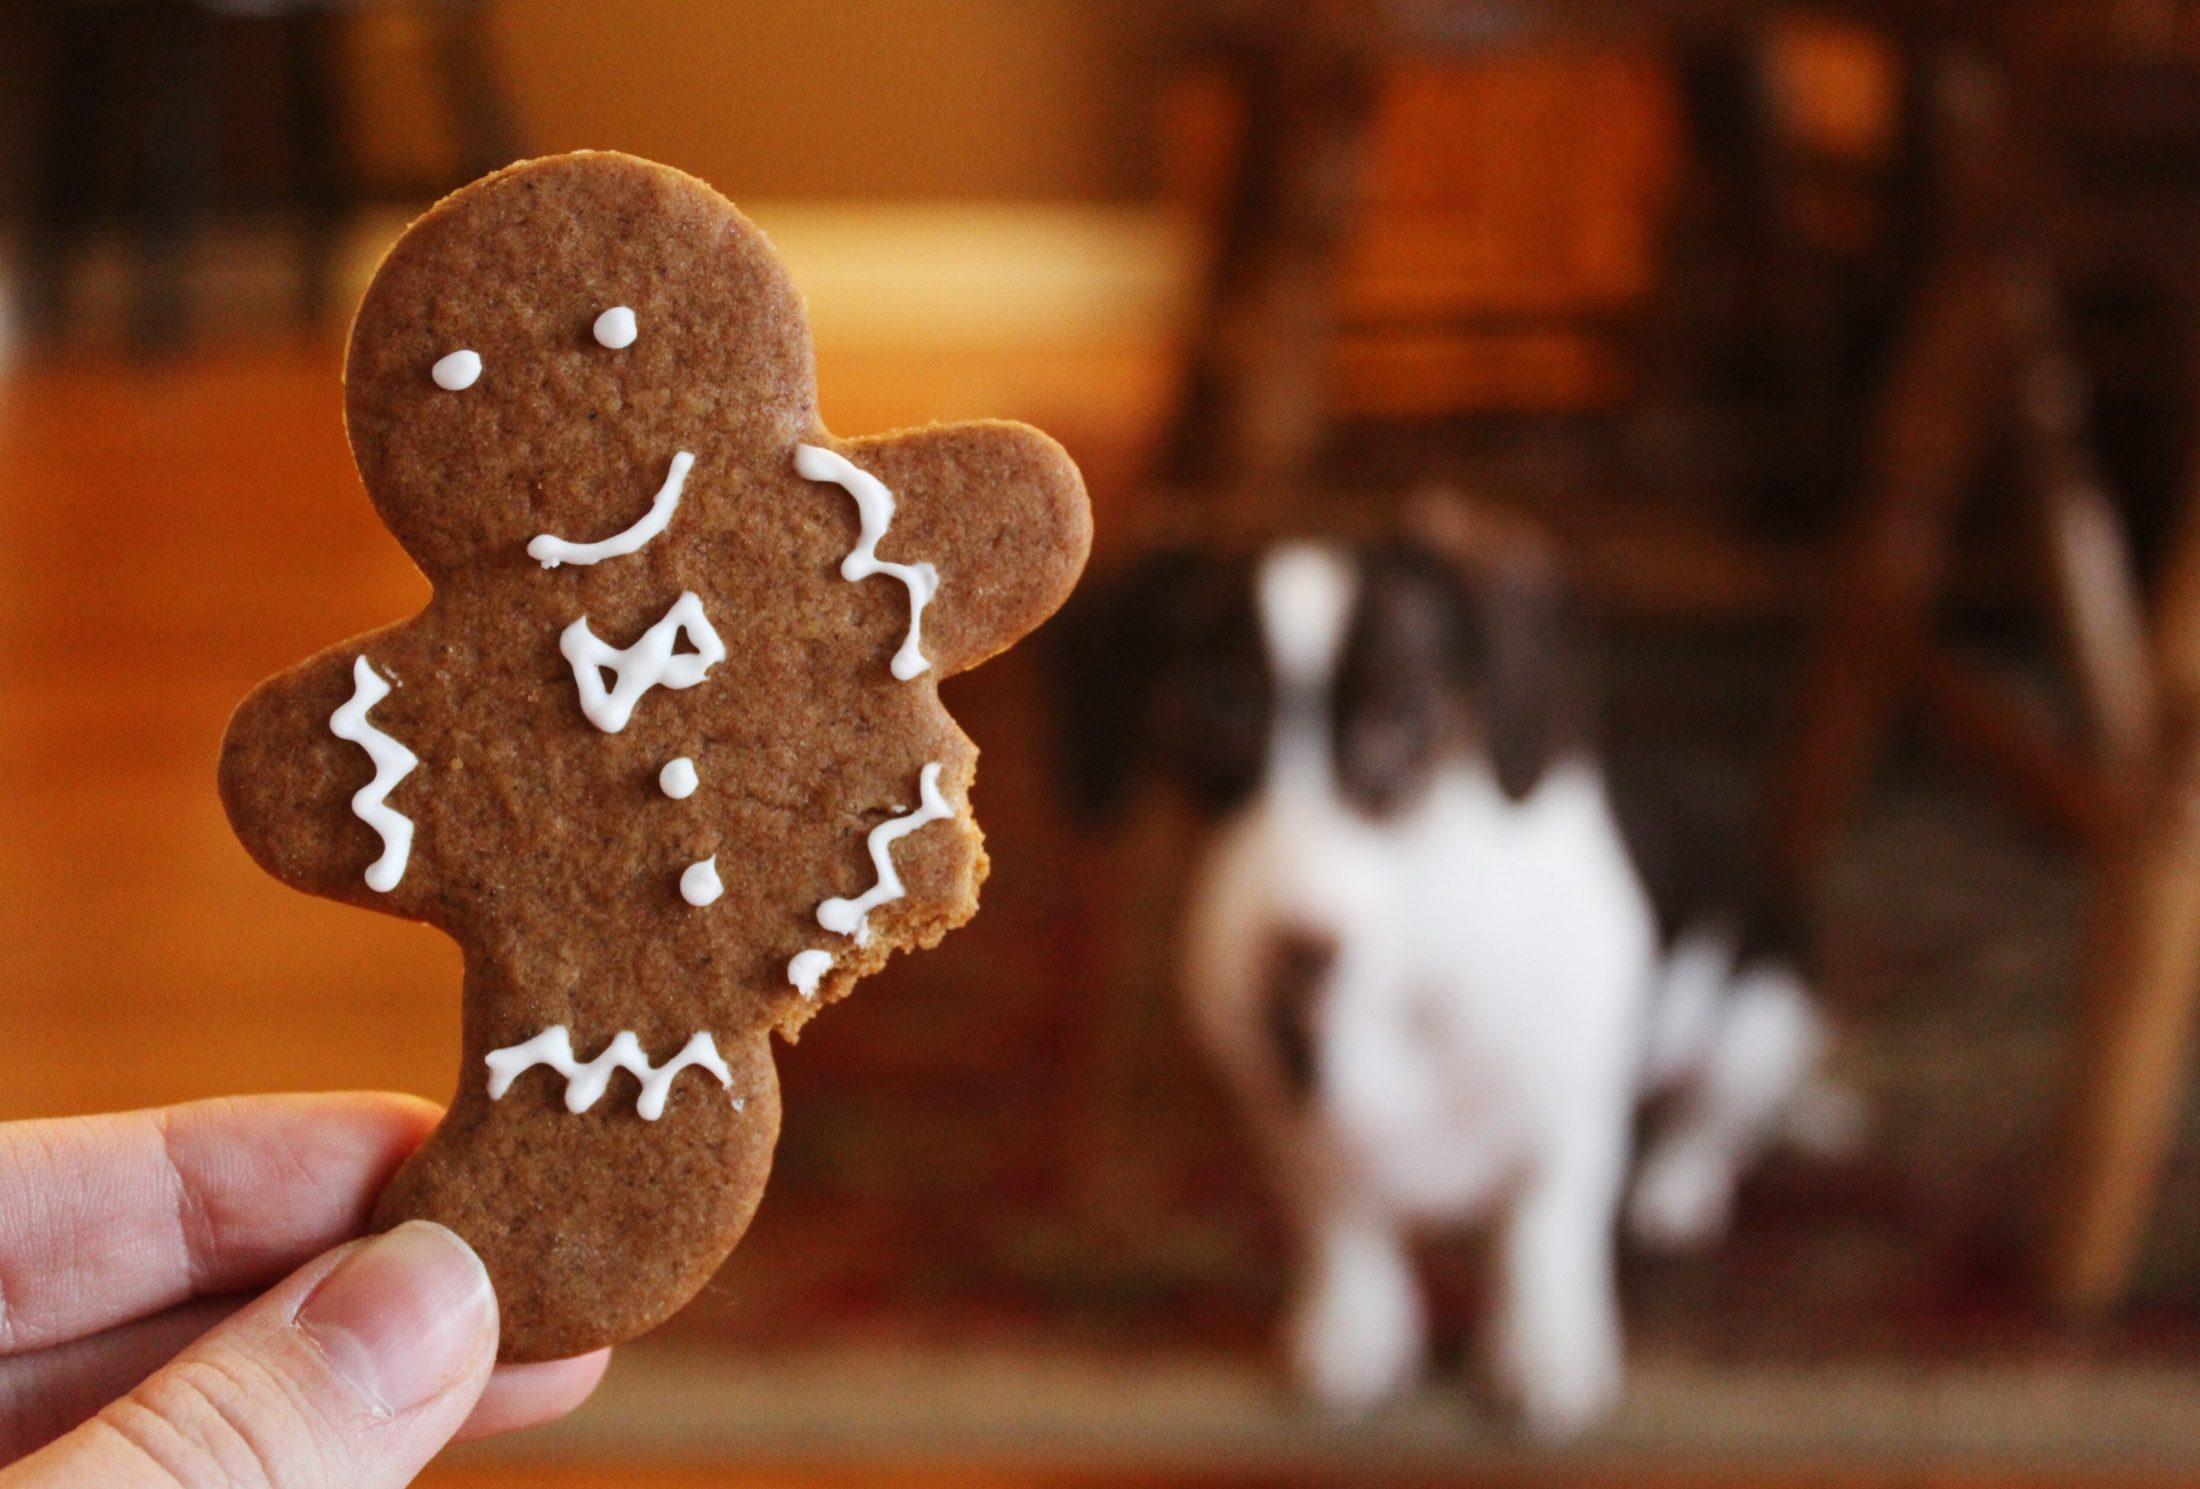 pessoa mostrando biscoito comopetisco para cachorro